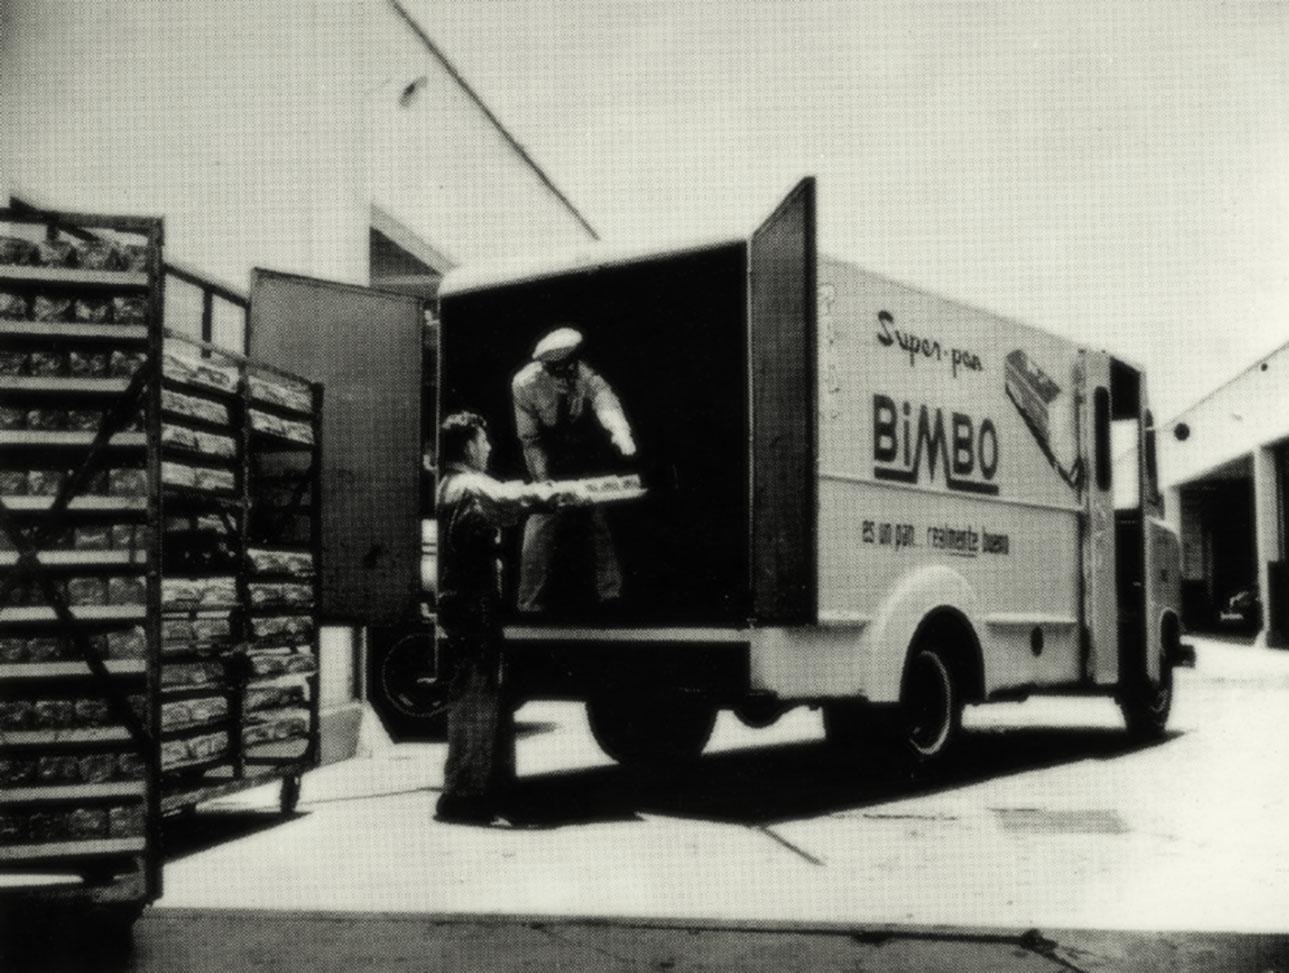 75 años de creer y crear: Grupo Bimbo, una historia visionaria para un México con propósito